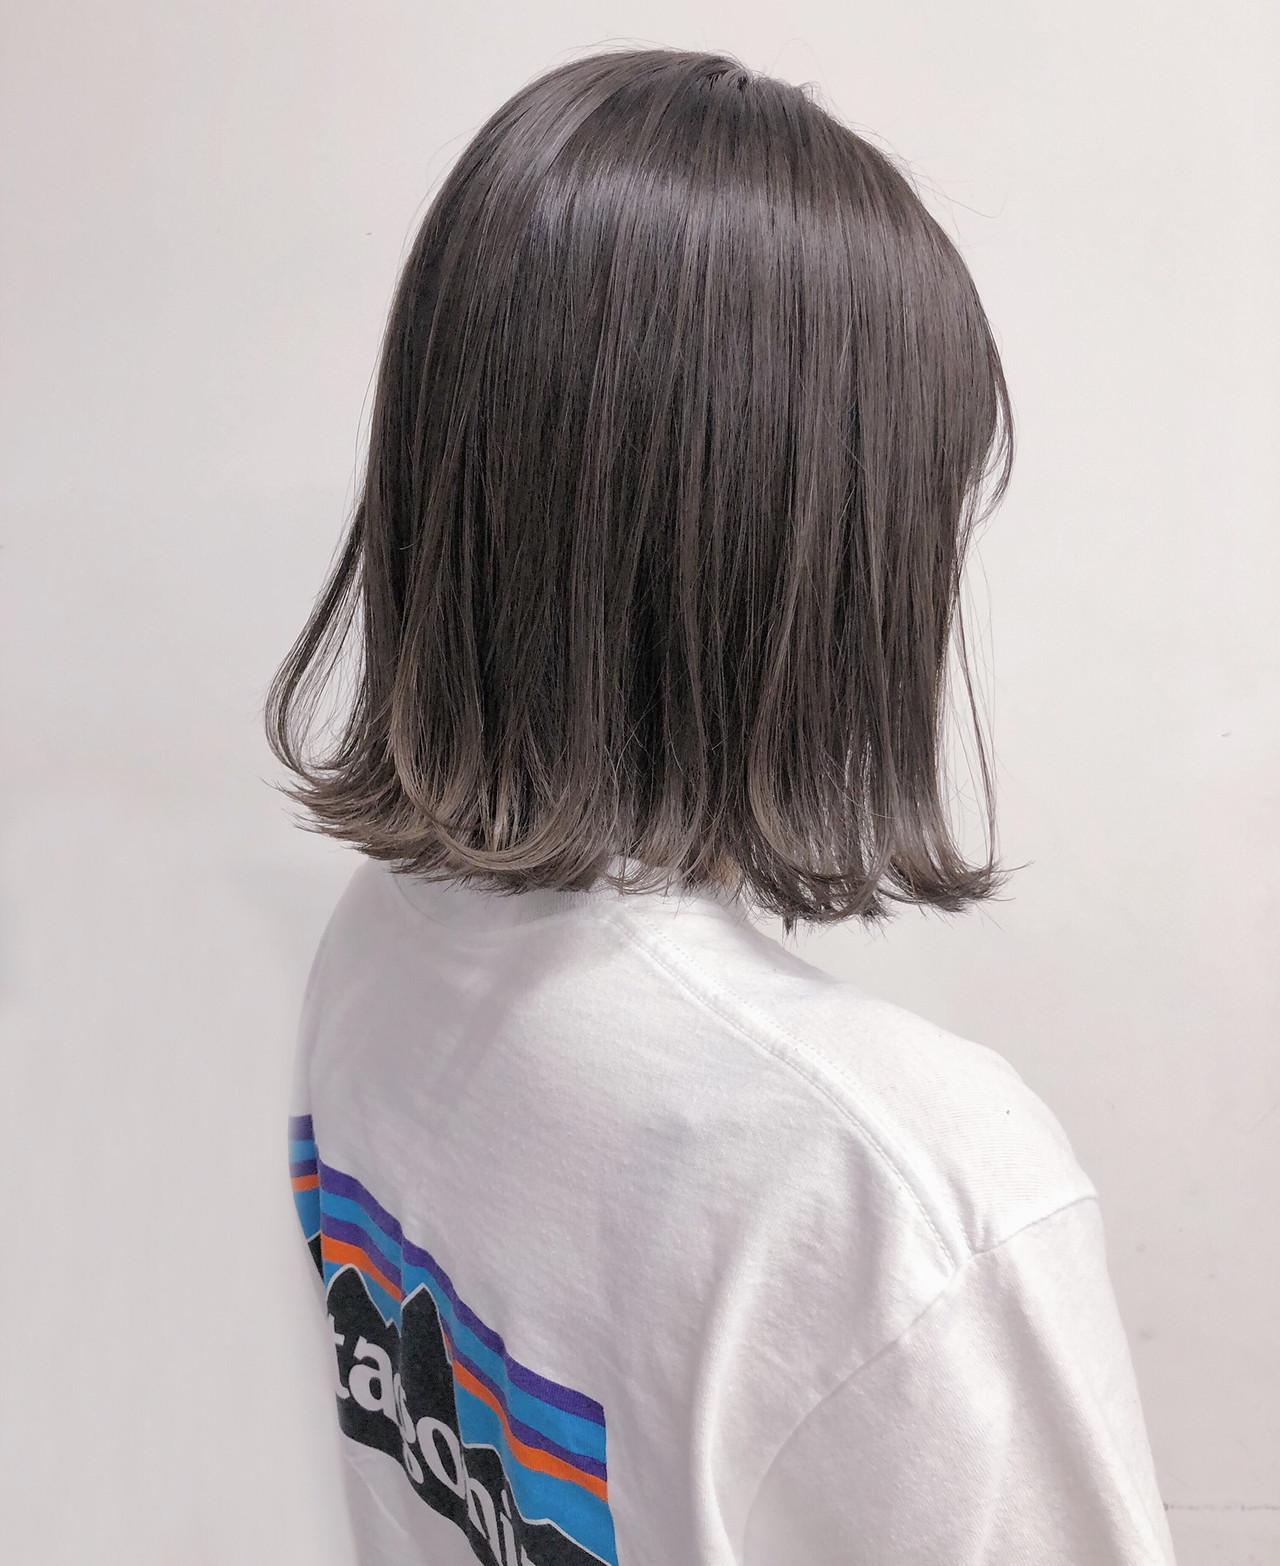 グレージュ 切りっぱなしボブ ラベンダーグレージュ ナチュラル ヘアスタイルや髪型の写真・画像 | ryota 【ALIVE harajuku】 / ALIVE harajuku